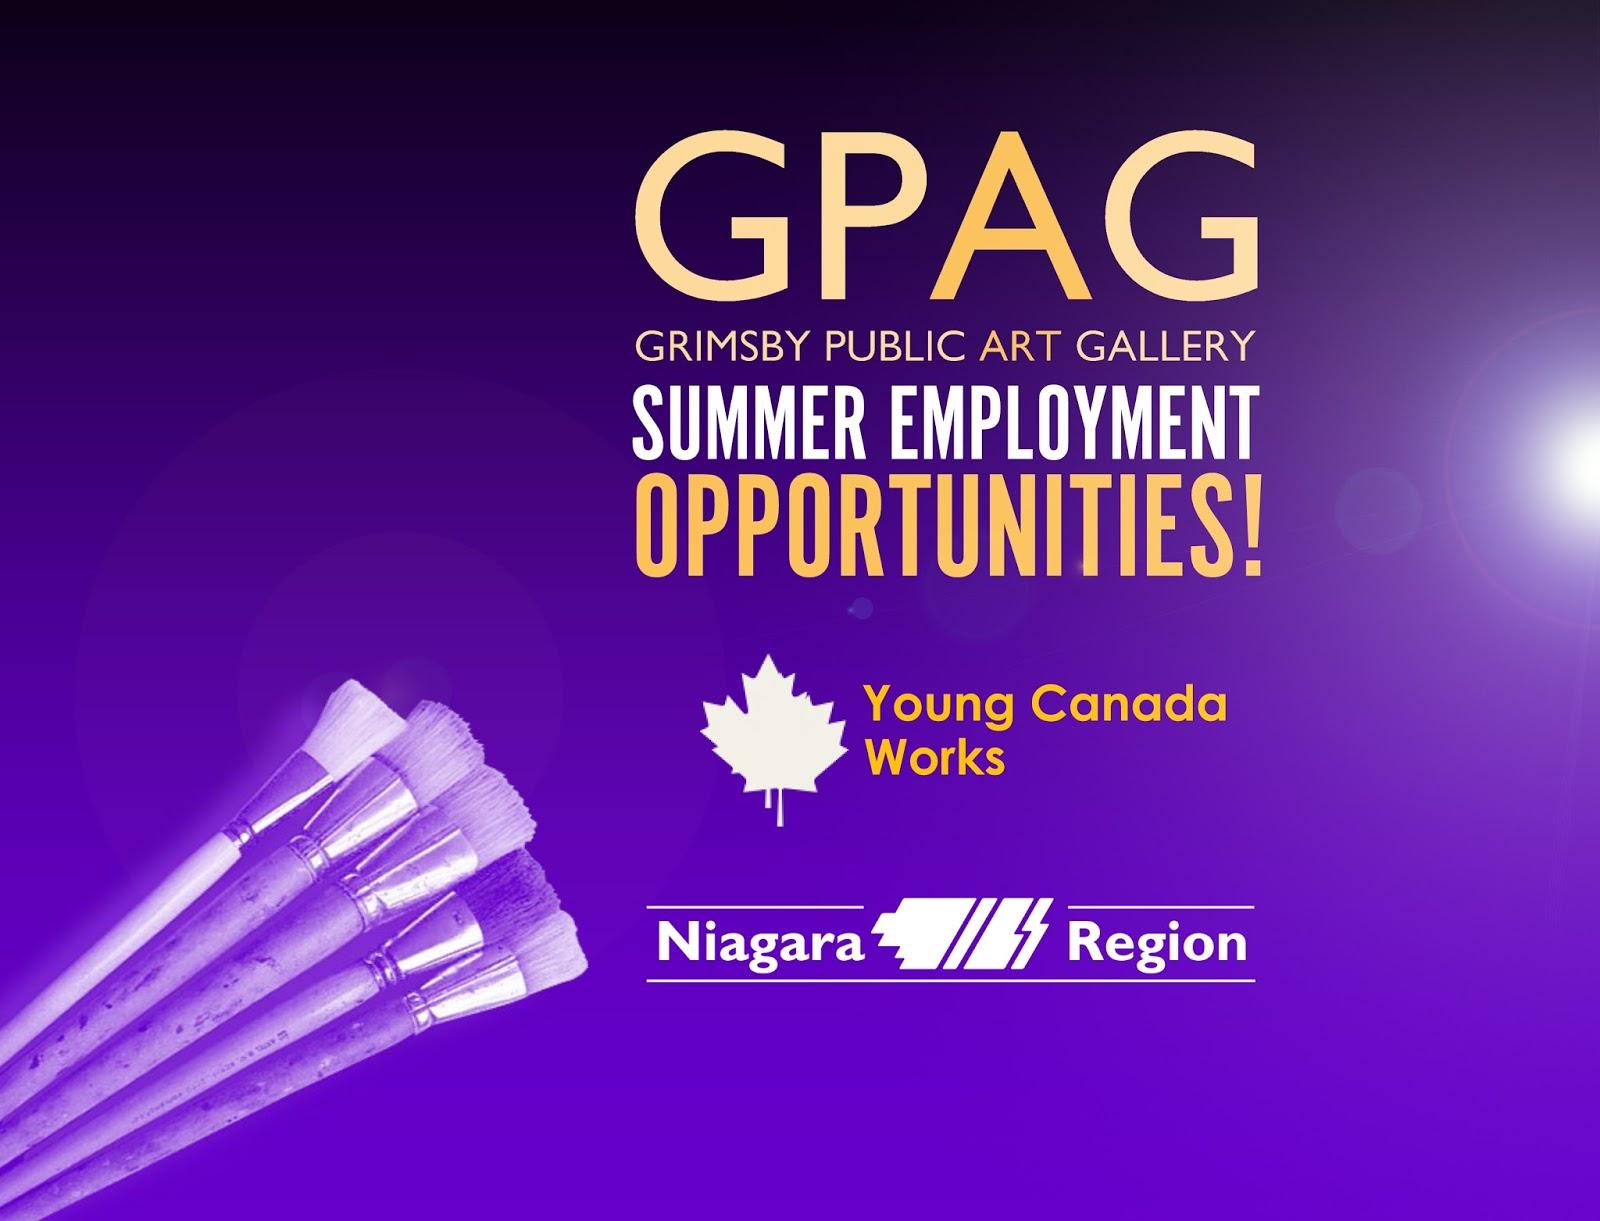 grimsby public art gallery summer job opportunities at gpag summer job opportunities at gpag